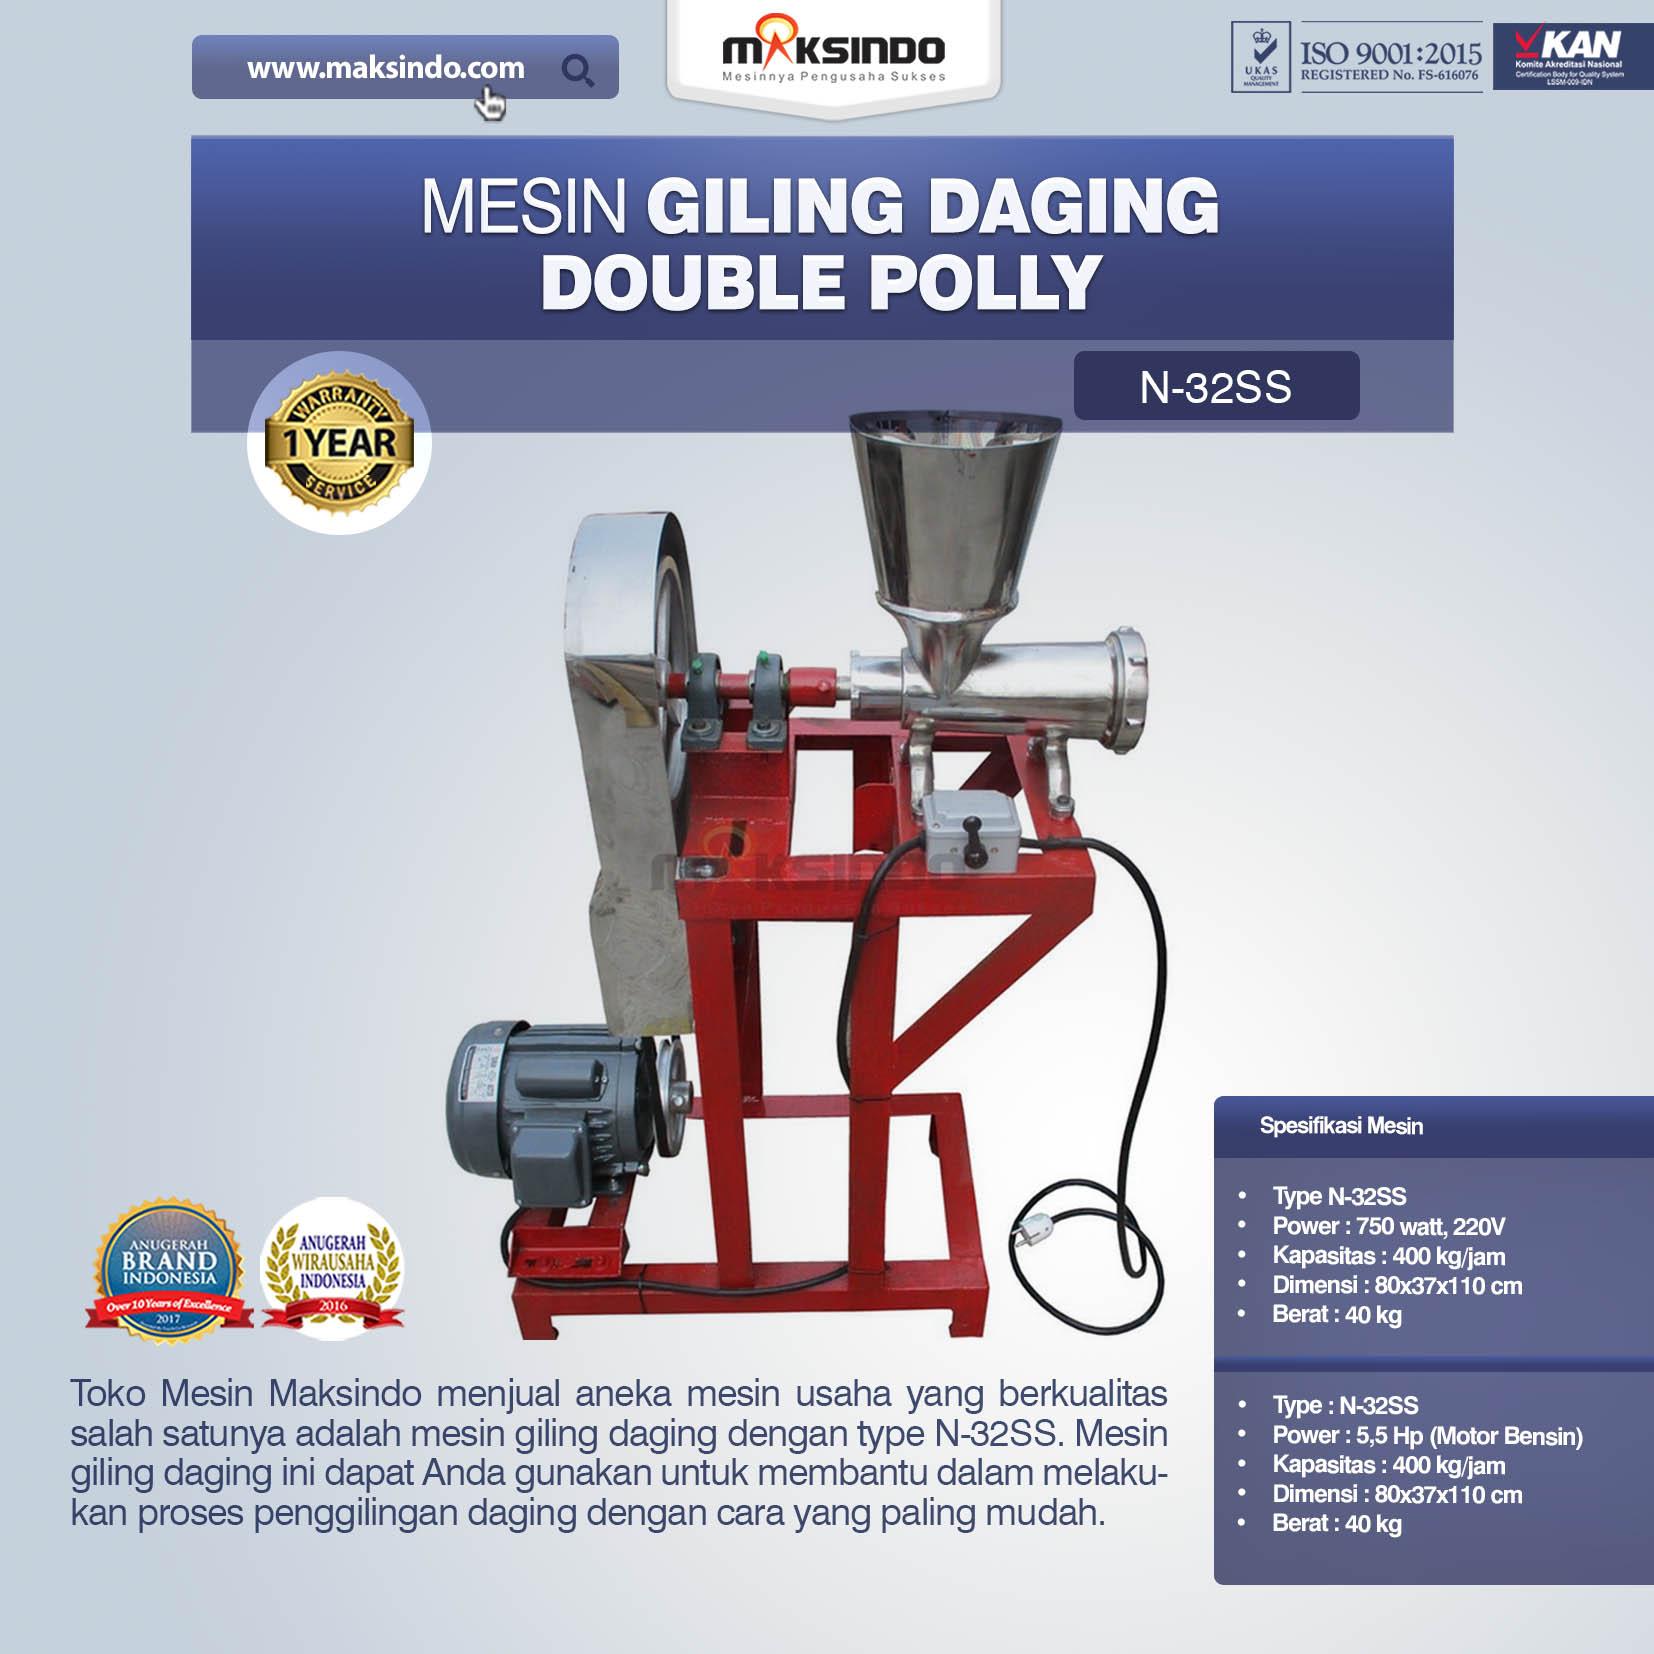 Jual Mesin Giling Daging Double Polly N-32SS di Bogor